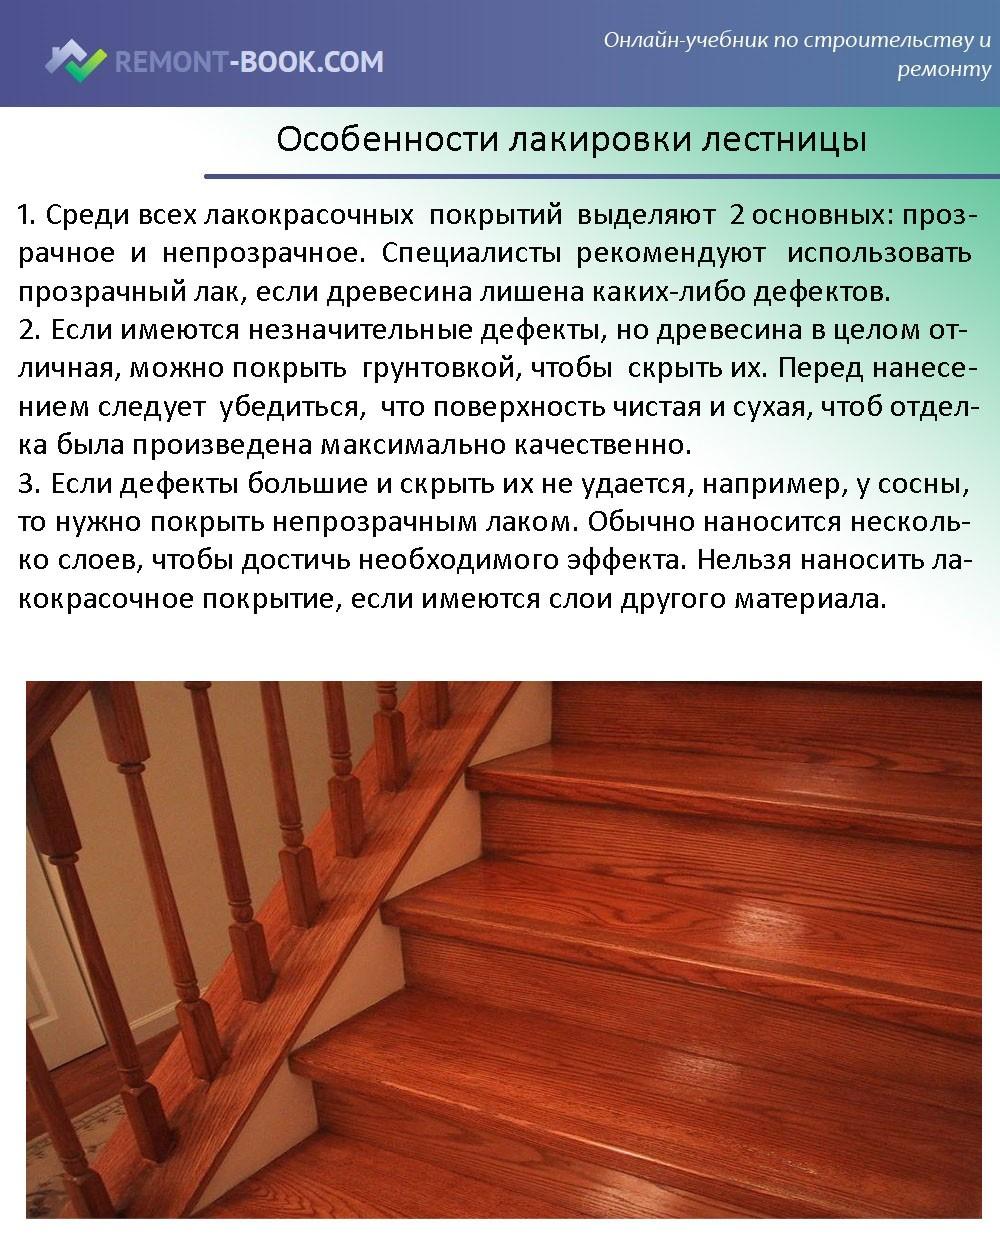 Особенности лакировки лестницы